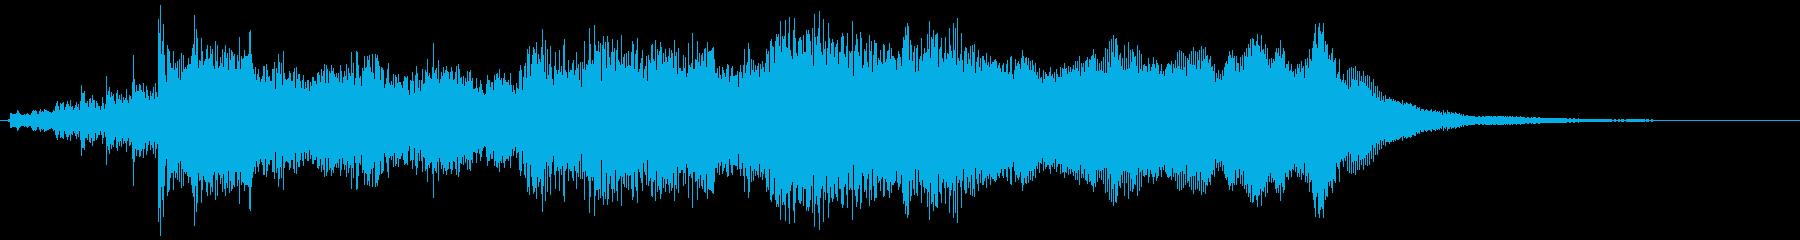 短め・壮大なオーケストラのファンファーレの再生済みの波形